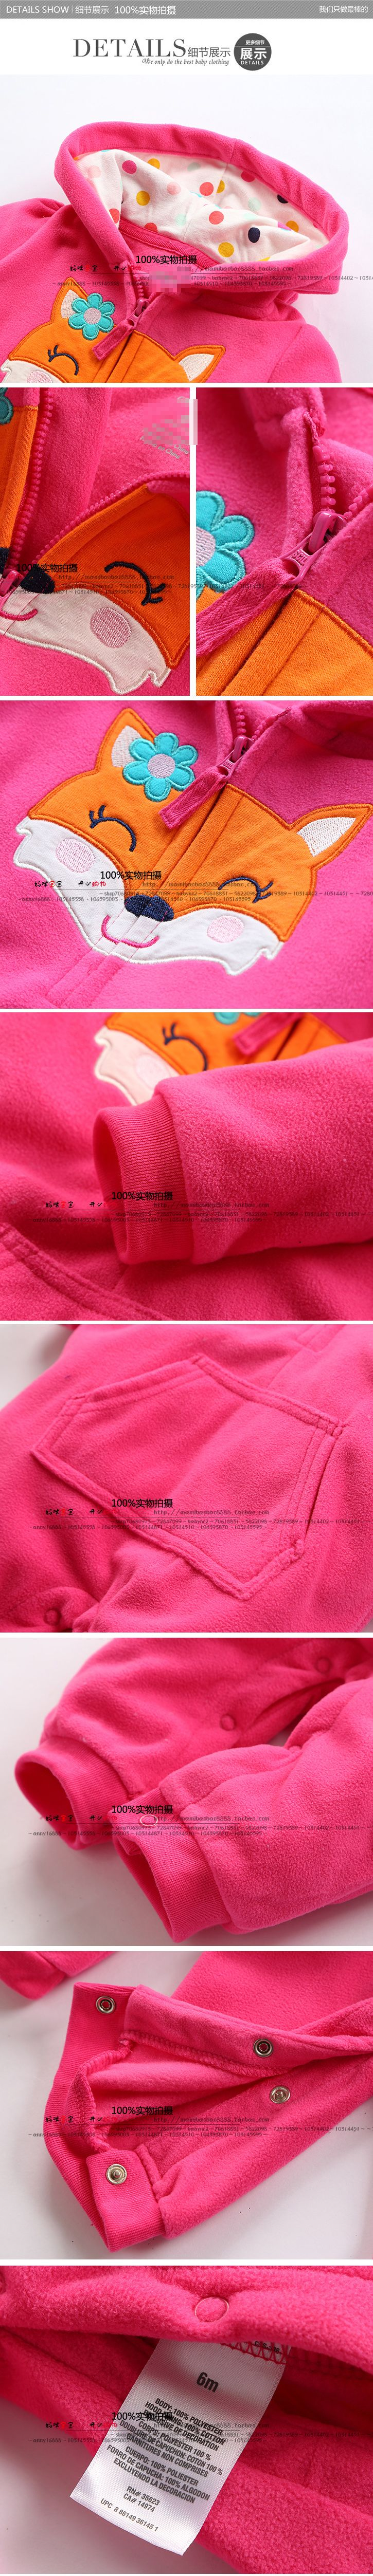 Весна и осень детская одежда ребенка ползунки флиса Одежда для новорожденных Одежда для младенцев один кусок ползунки новорожденных пижамы-inRompers от матери и детей на Aliexpress.com | Alibaba Group